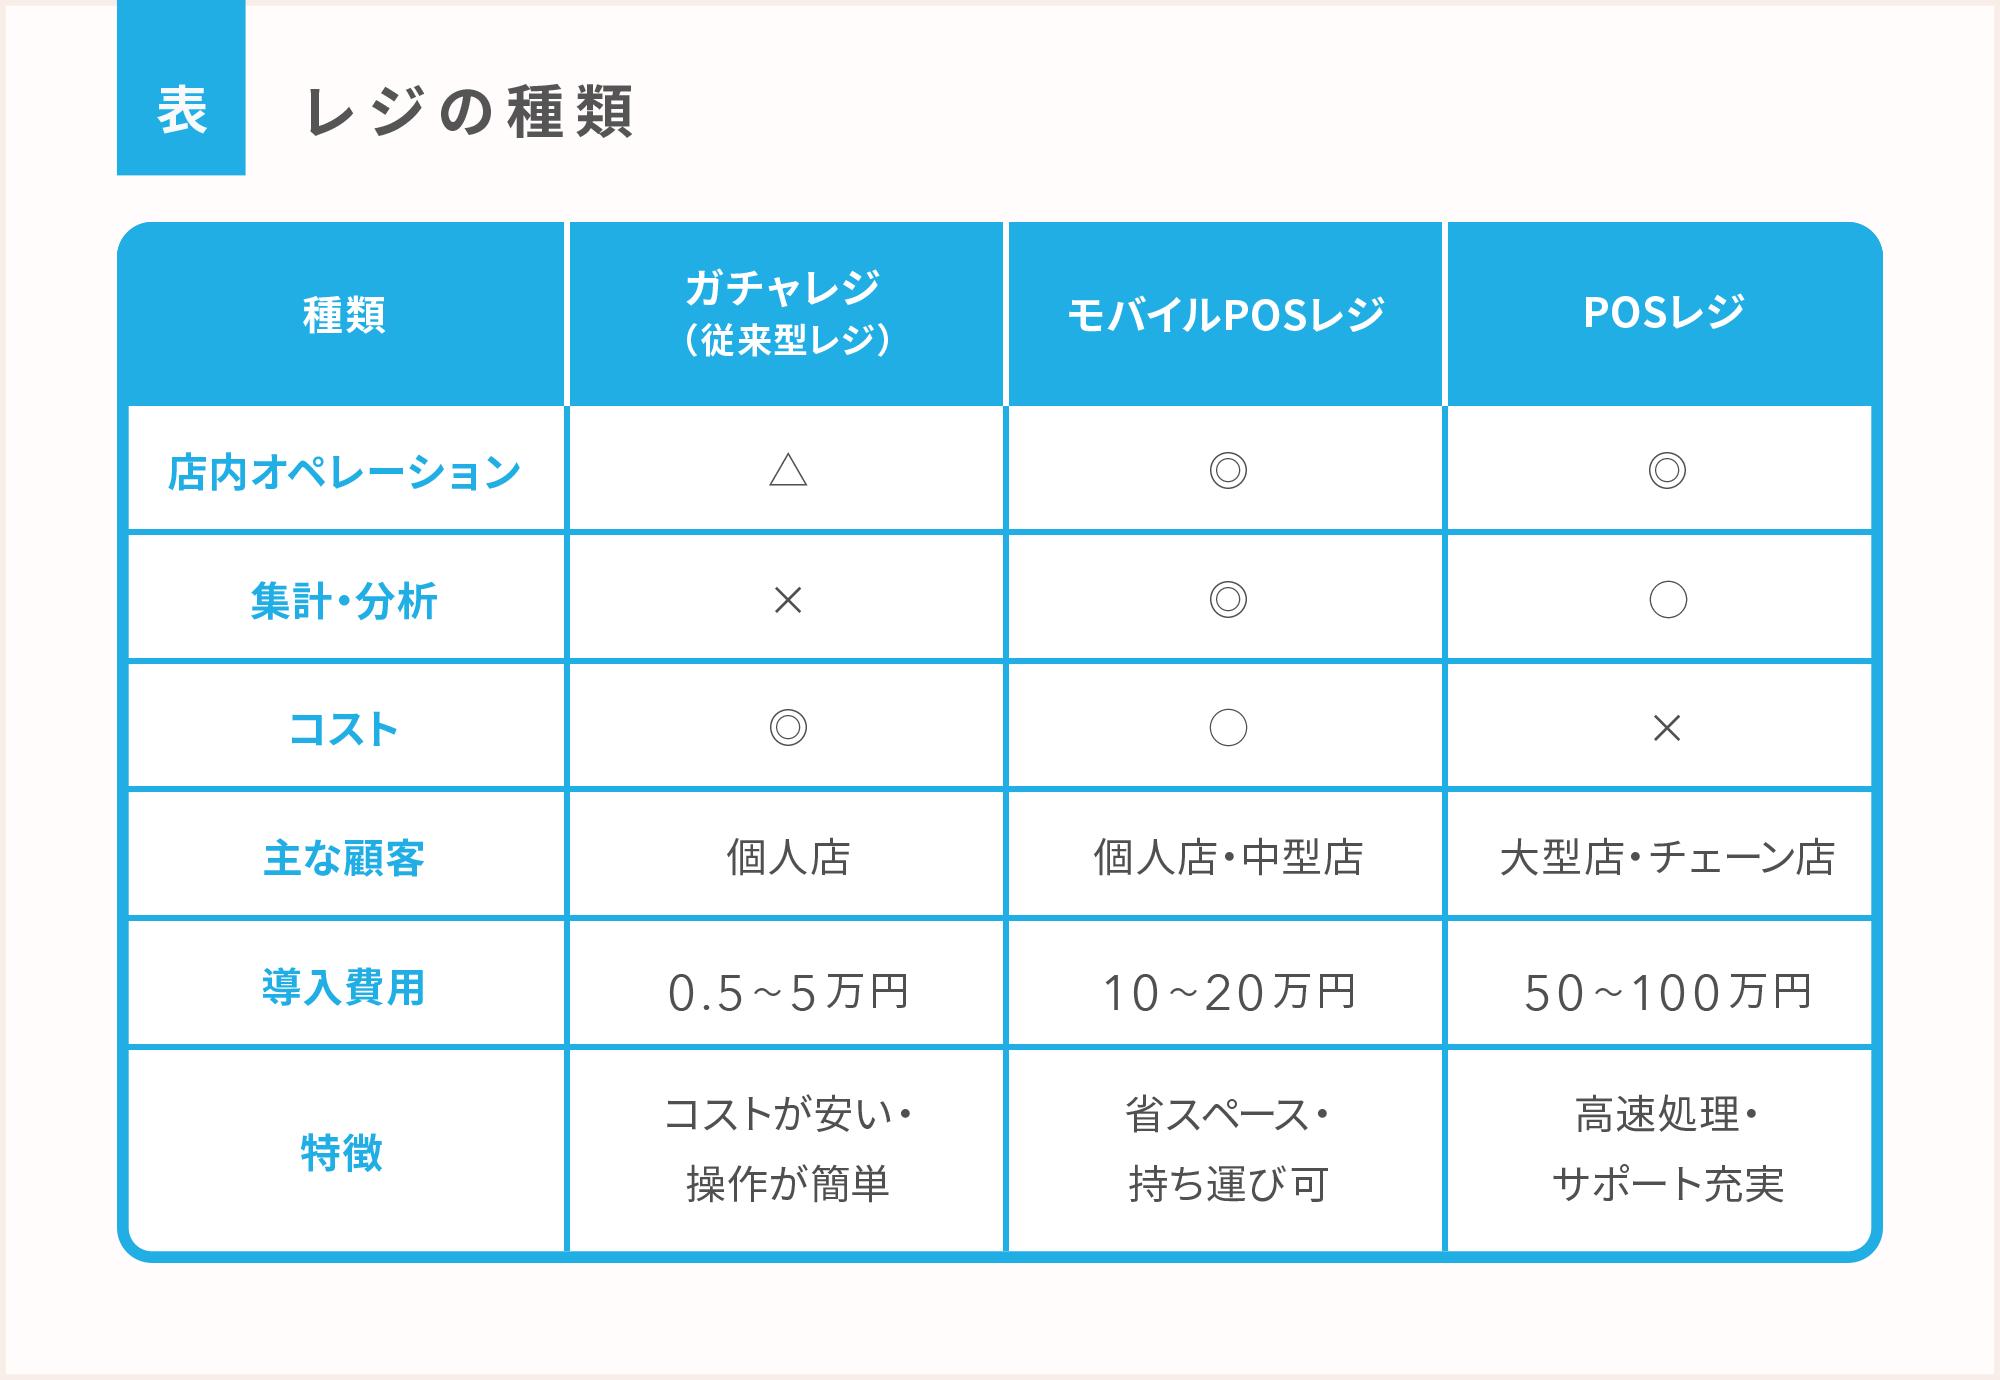 レジの種類 ガチャレジ(従来型レジ) モバイルPOSレジ POSレジ 店内オペレーション 集客・分析 コスト 主な顧客 導入費用 特徴